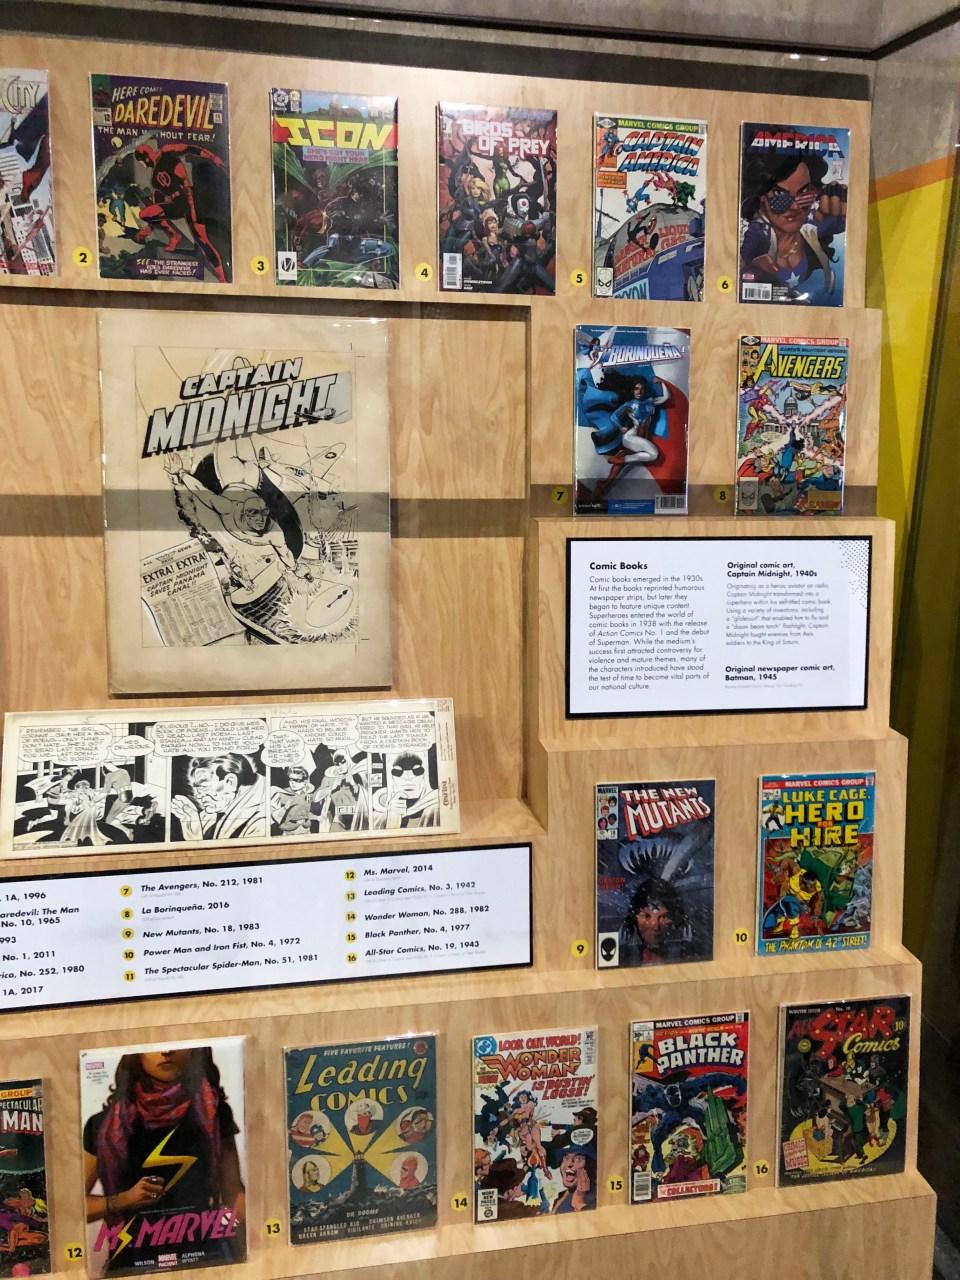 Museum of American History - Superheroes